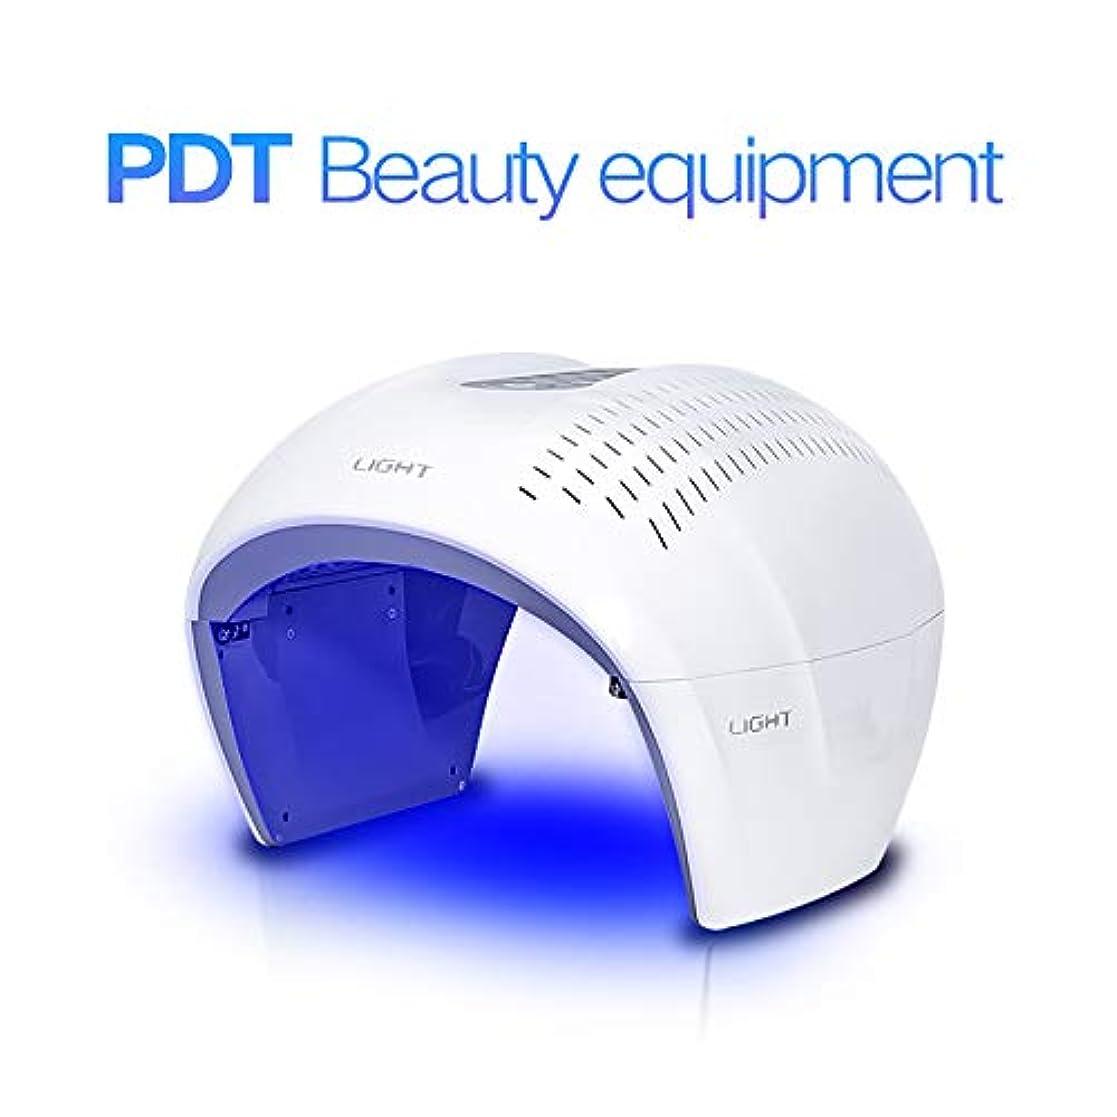 食料品店部屋を掃除する大西洋健康な肌の若返りのコラーゲン、反老化、4色LEDの美のスキンケアの光子療法機械のための表面光子の赤灯療法